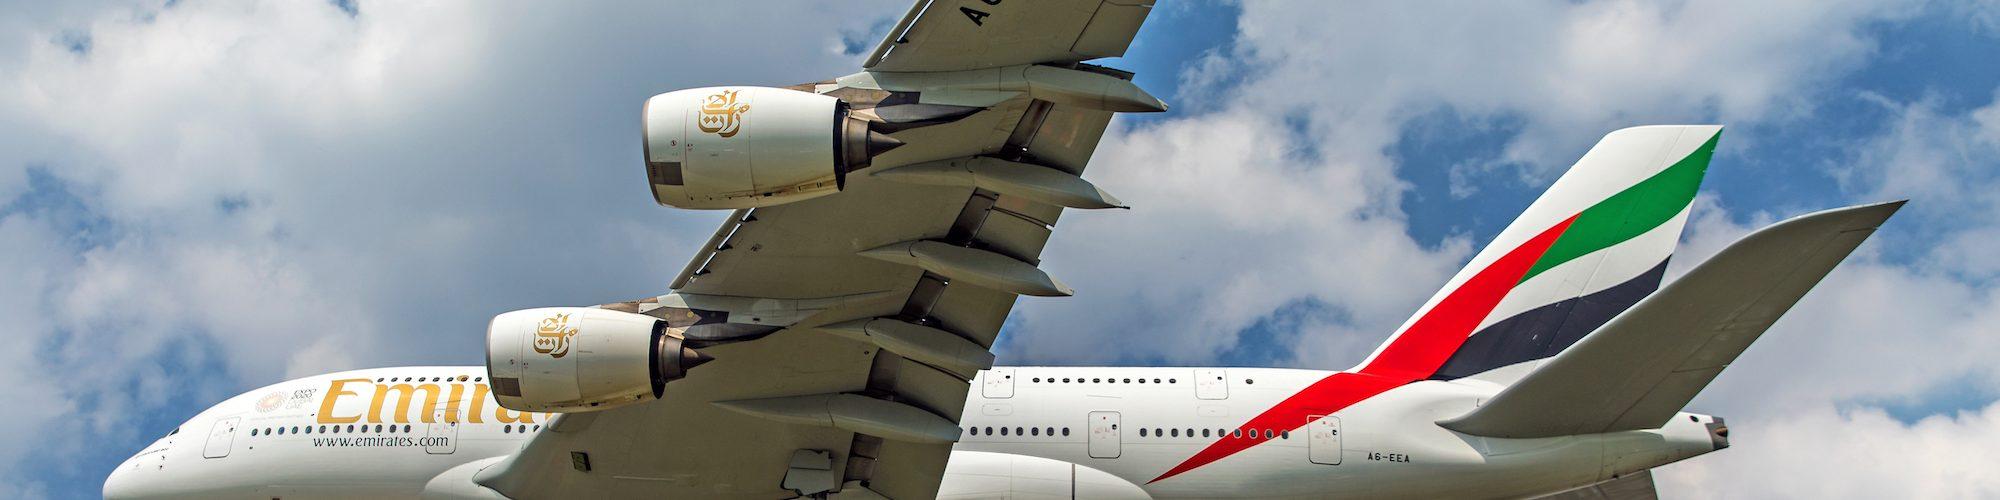 جت های Superjumbo A380 امارات به آسمان برمی گردند